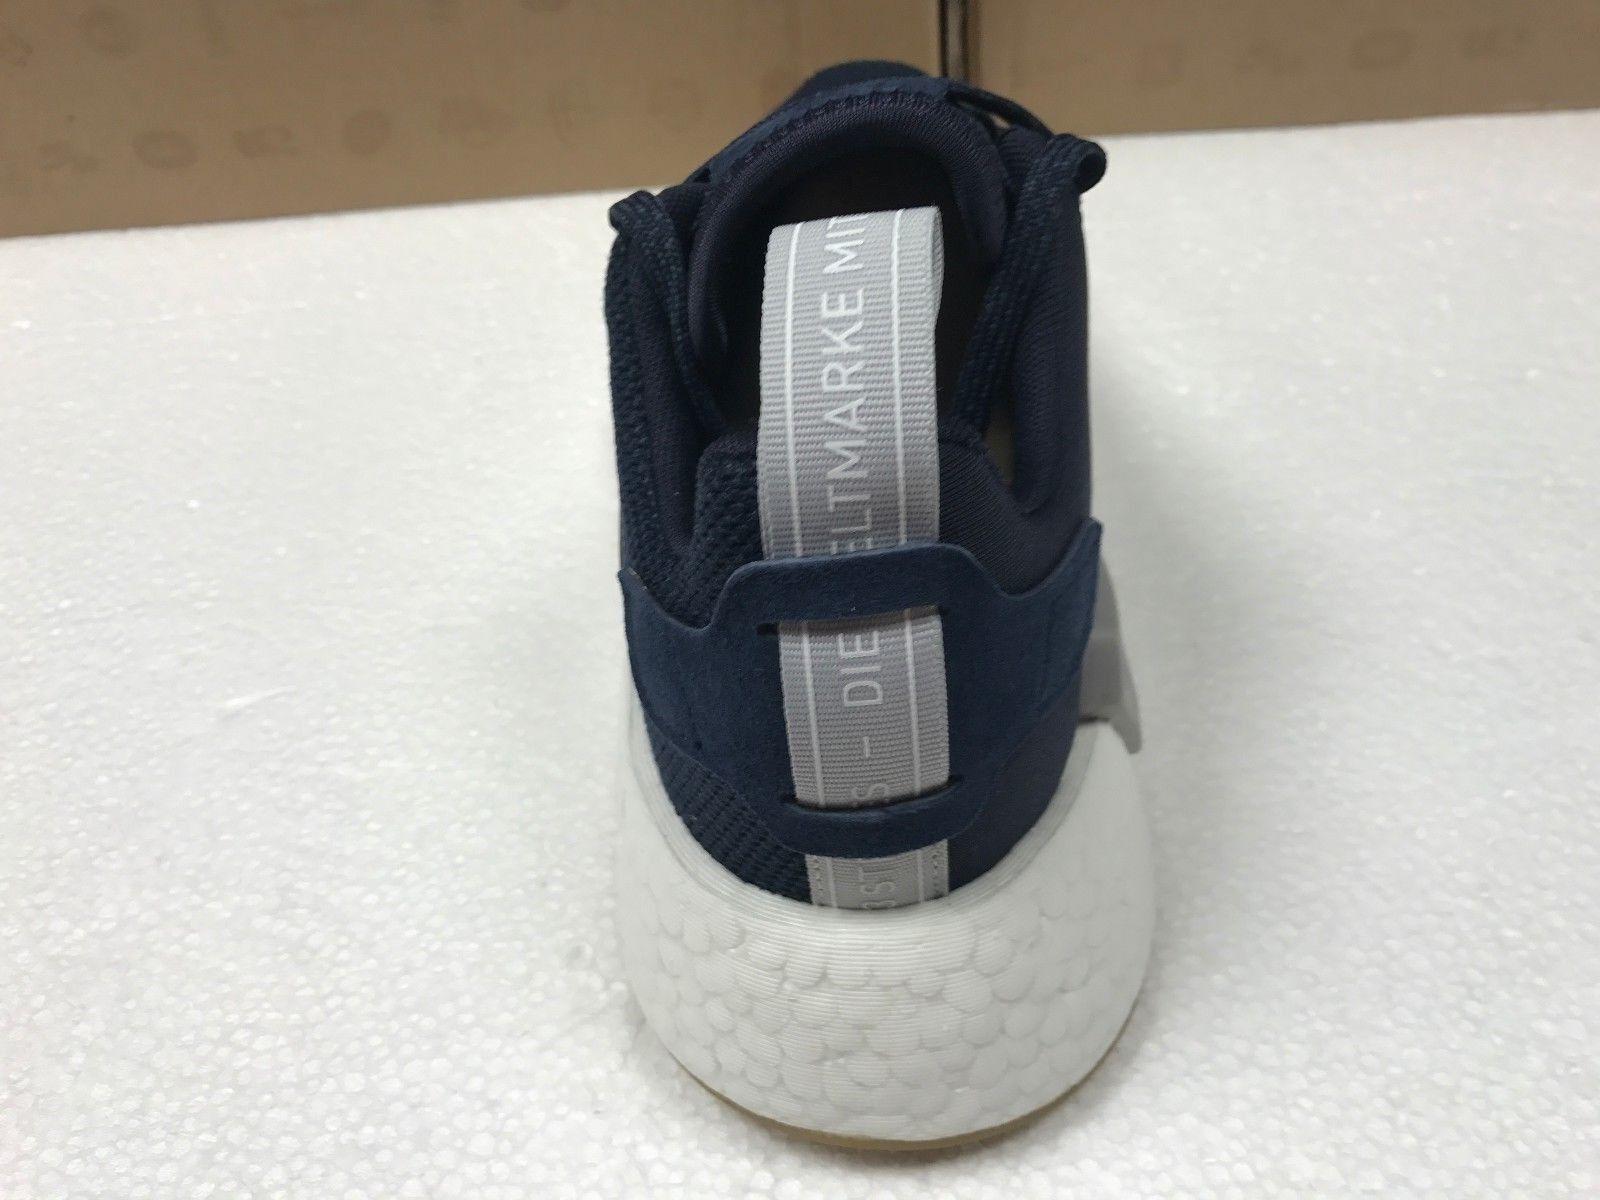 quality design c52a9 72fd5 ... Nuova Nuova Nuova donna nmd r2 scarpe adidas by9316-shoes-multiple  confezioni 3e2dcf ...